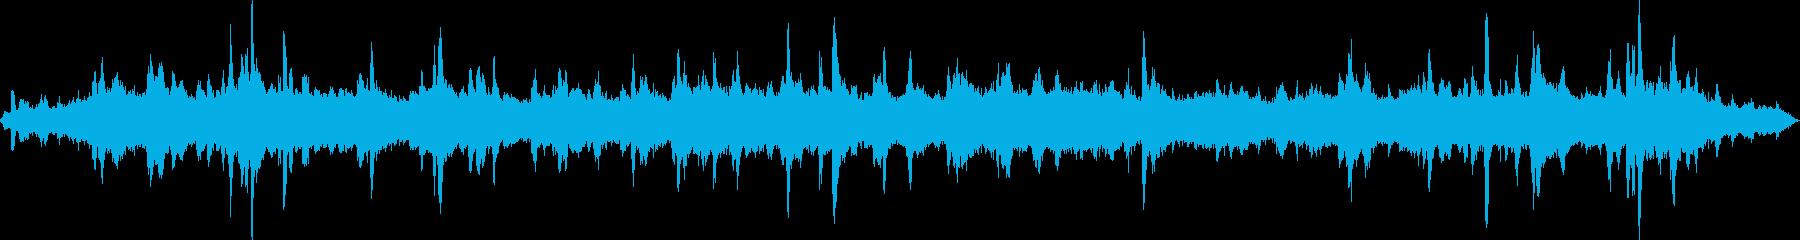 水面や滴の様子を電子音で表現していますの再生済みの波形